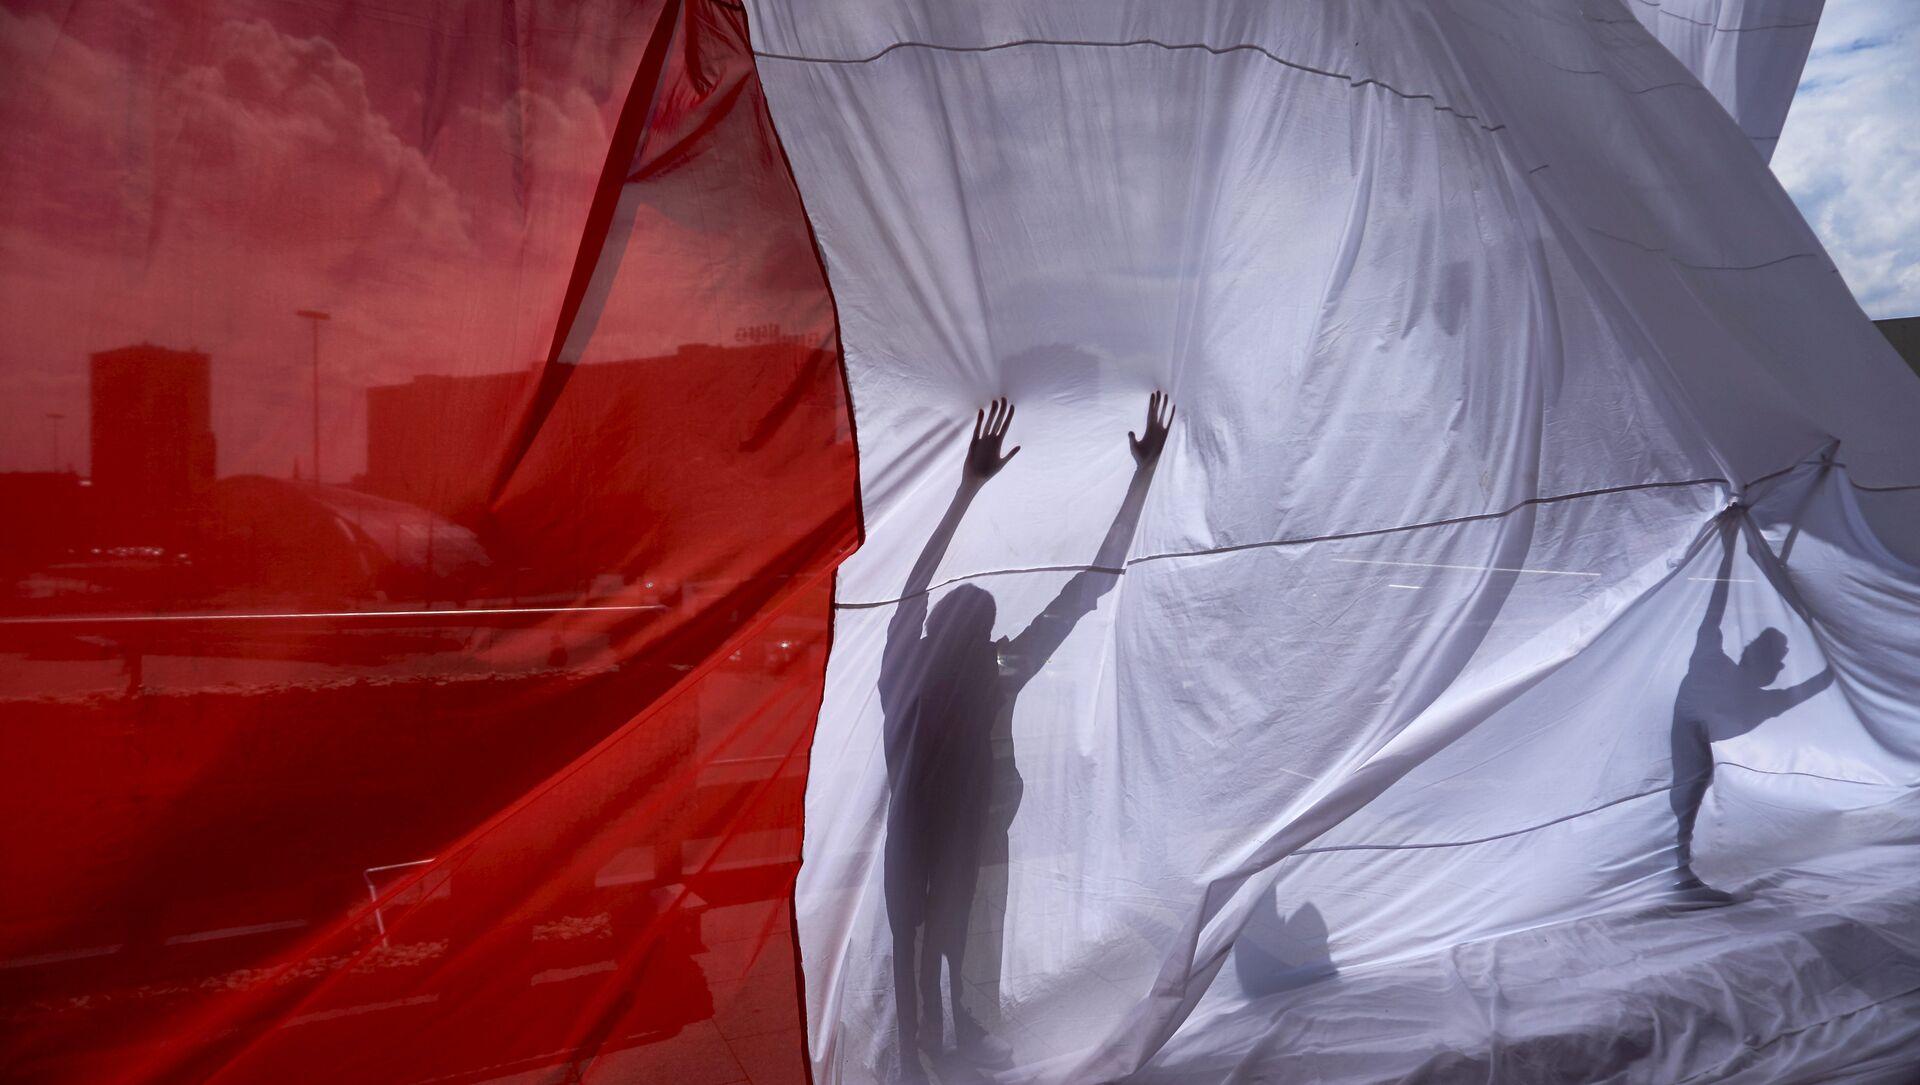 Bandera de Polonia - Sputnik Mundo, 1920, 18.03.2020